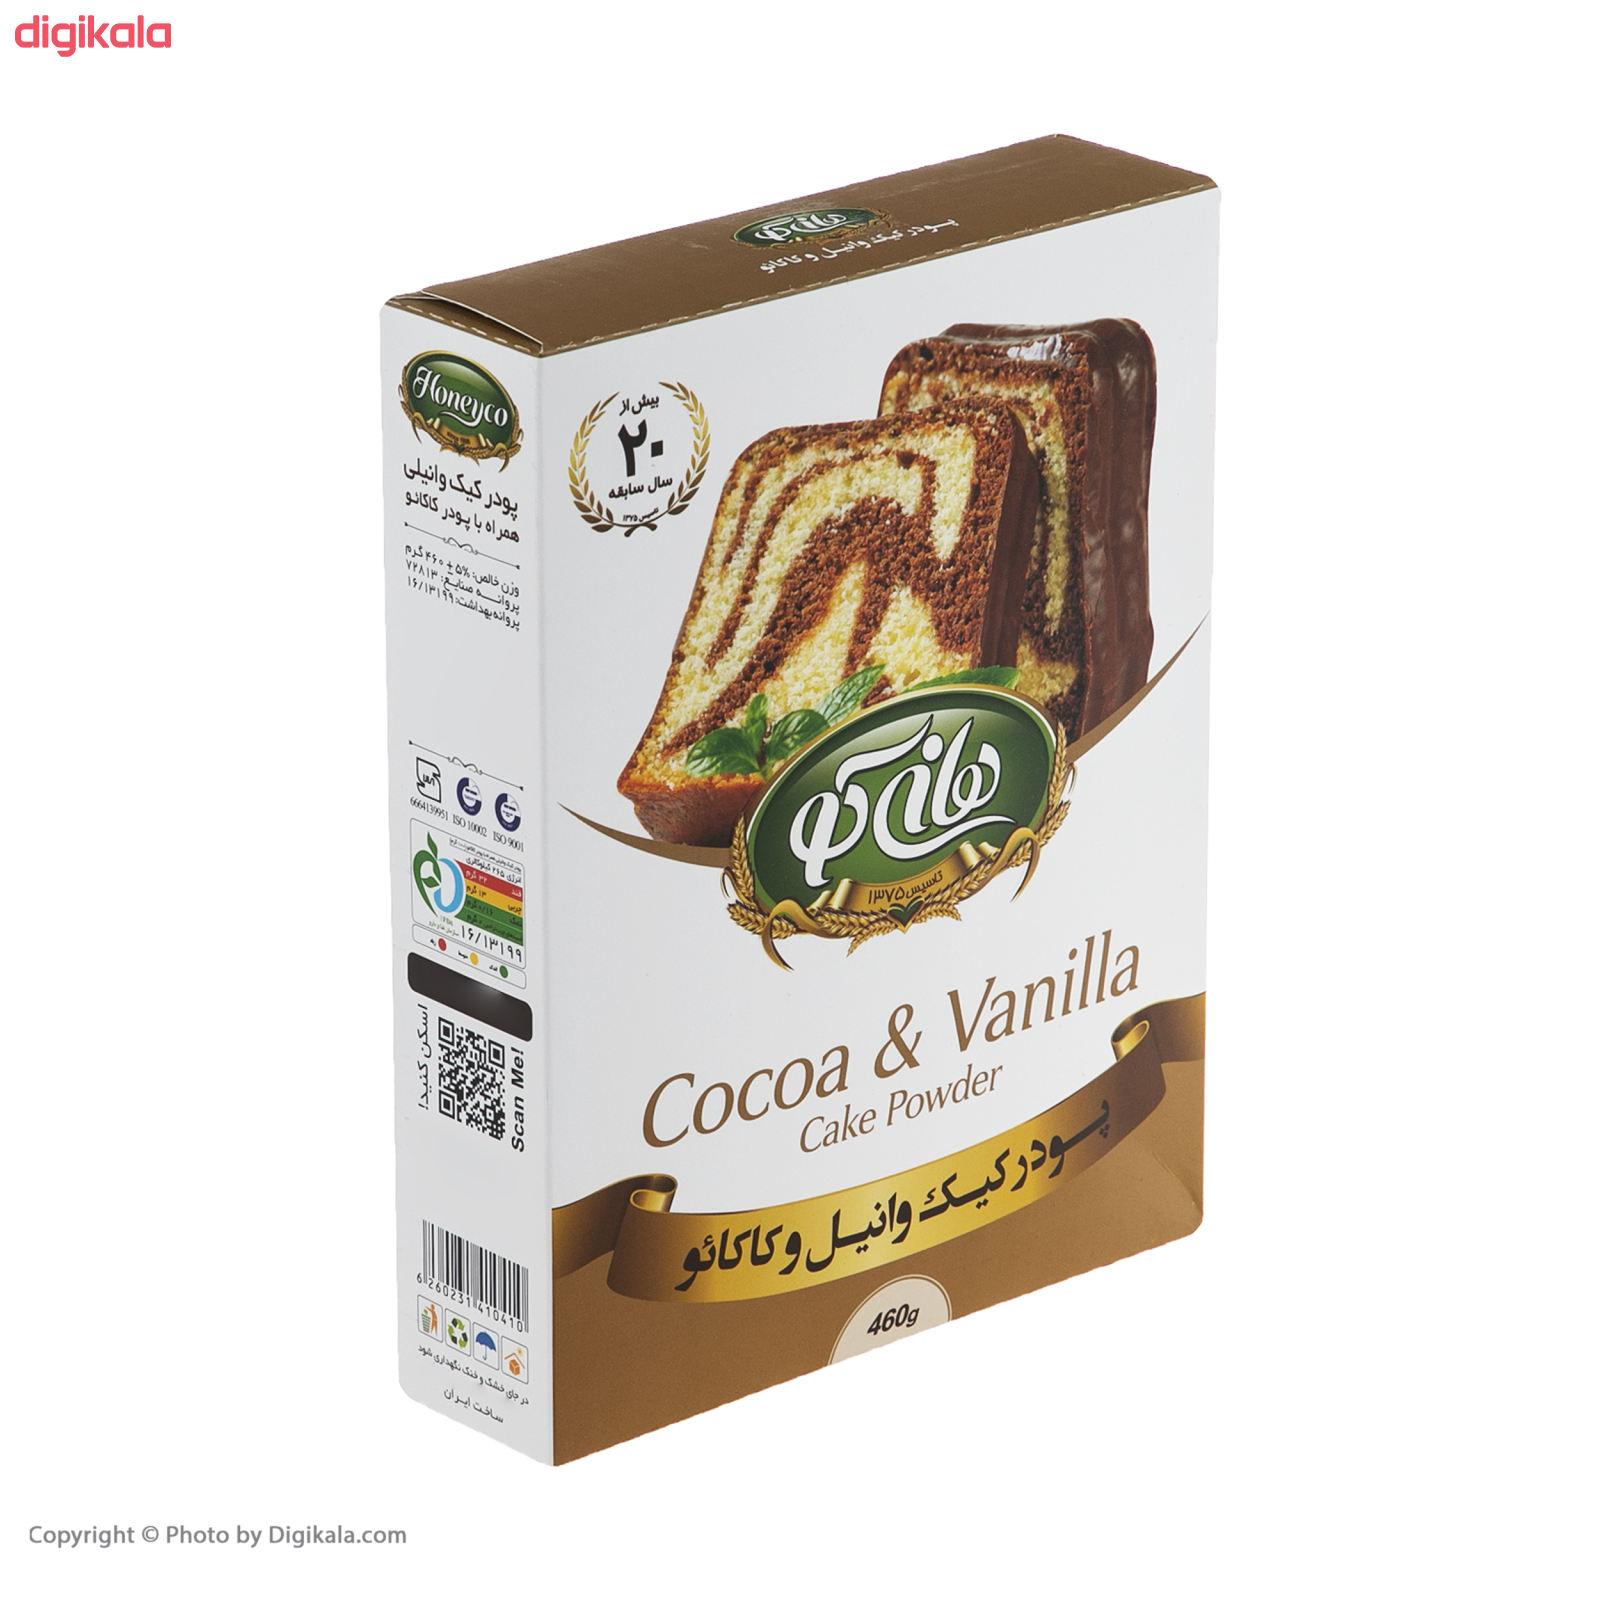 پودر کیک هانی کو با طعم وانیل و کاکائو - 460 گرم  main 1 1